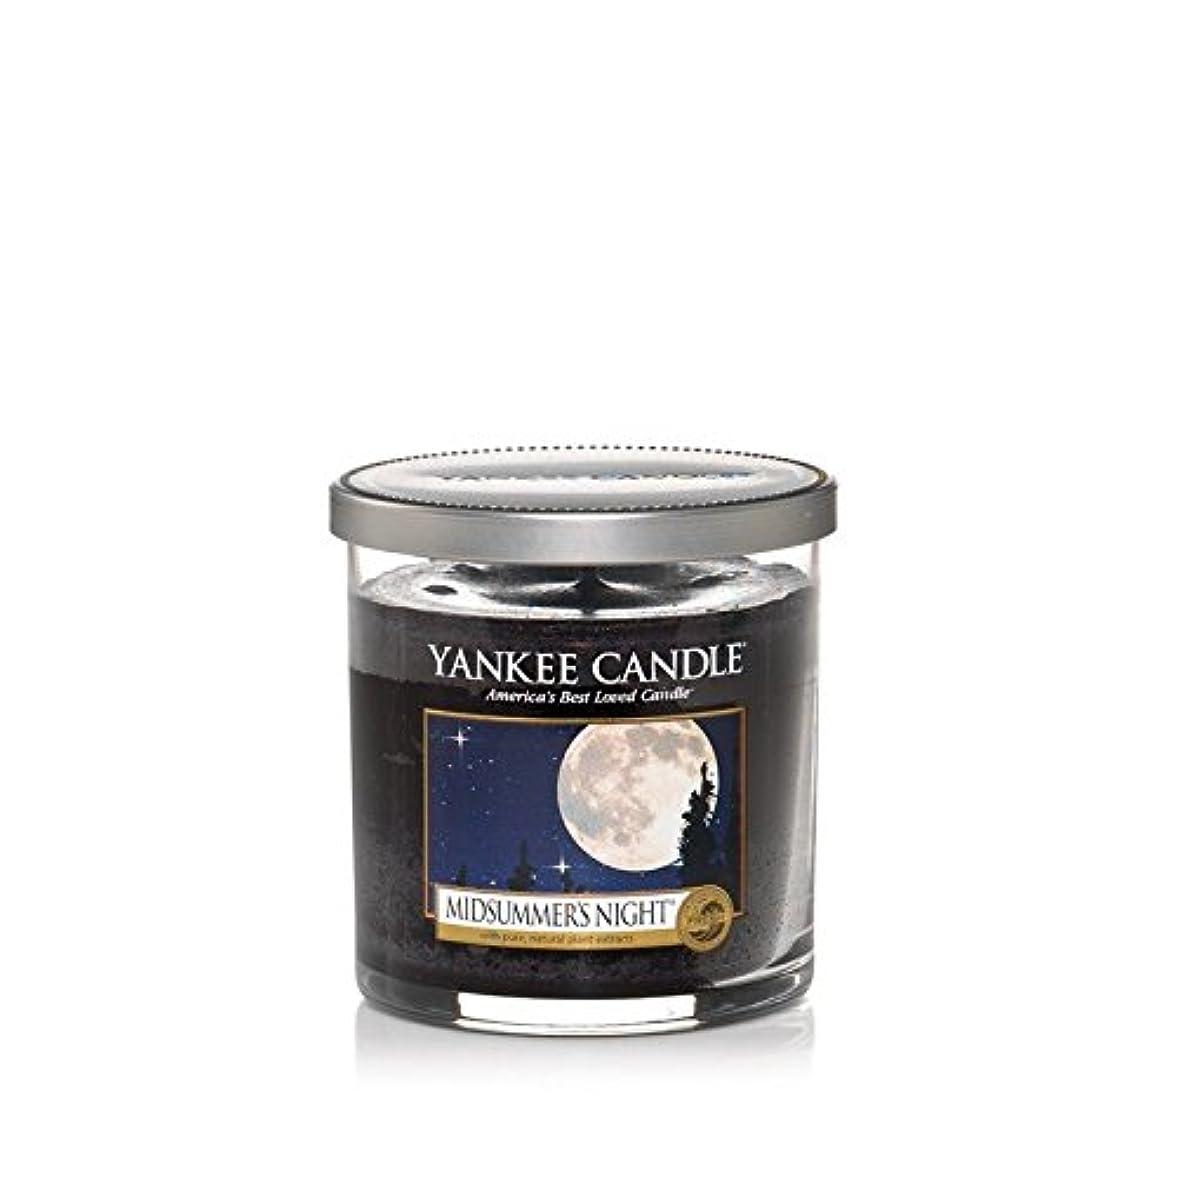 固める保険オーチャードYankee Candles Small Pillar Candle - Midsummers Night (Pack of 2) - ヤンキーキャンドルの小さな柱キャンドル - Midsummers夜 (x2) [並行輸入品]